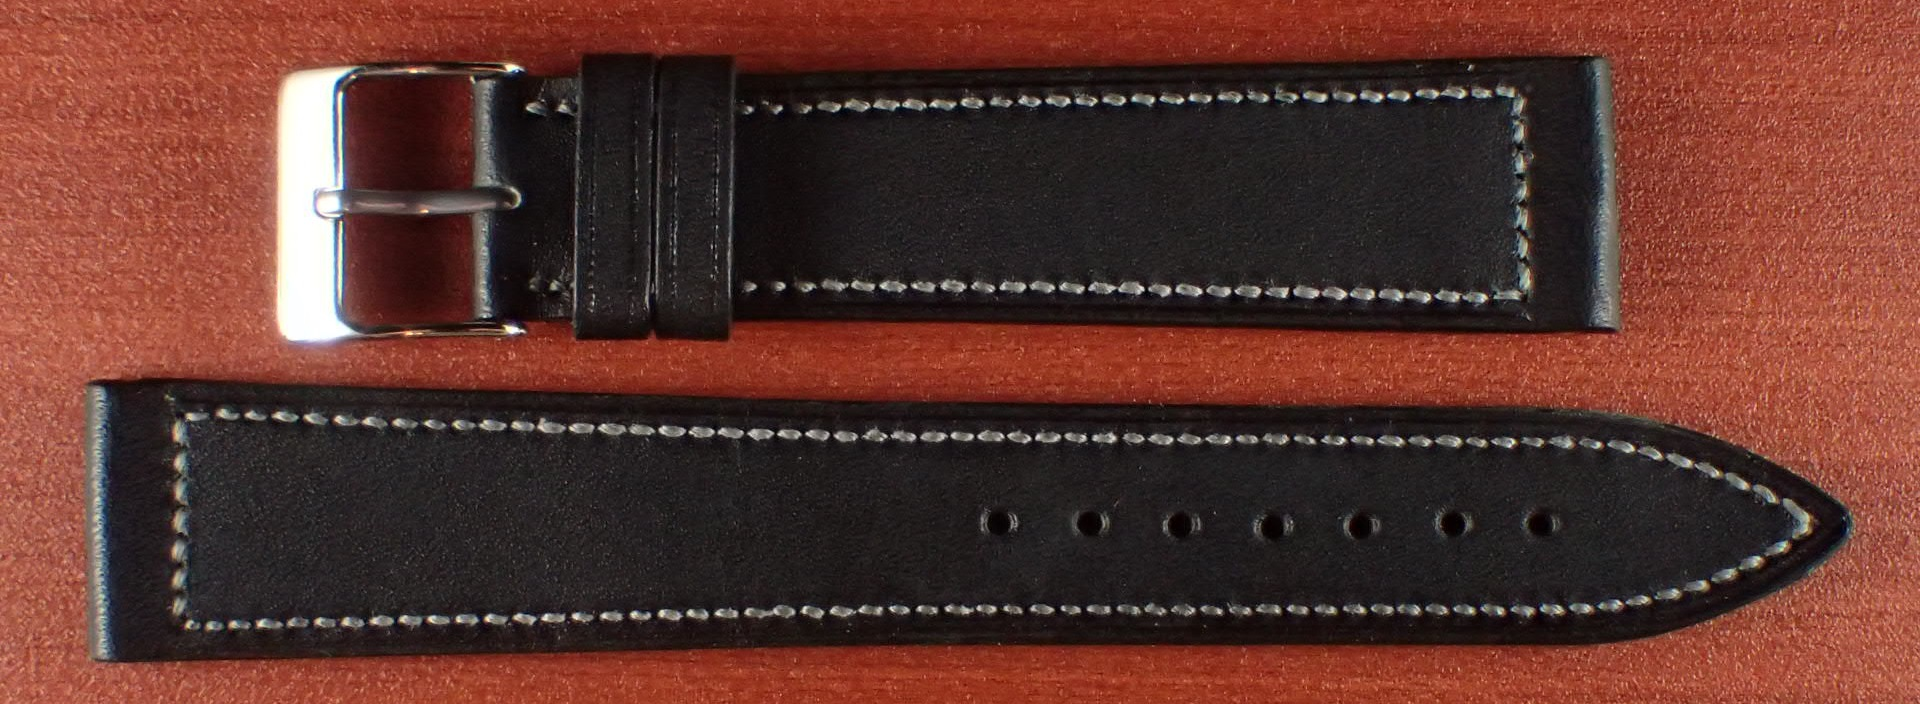 ジャン・クロード ペラン革ベルト カーフ ブラック 16、17、18、19、20mm